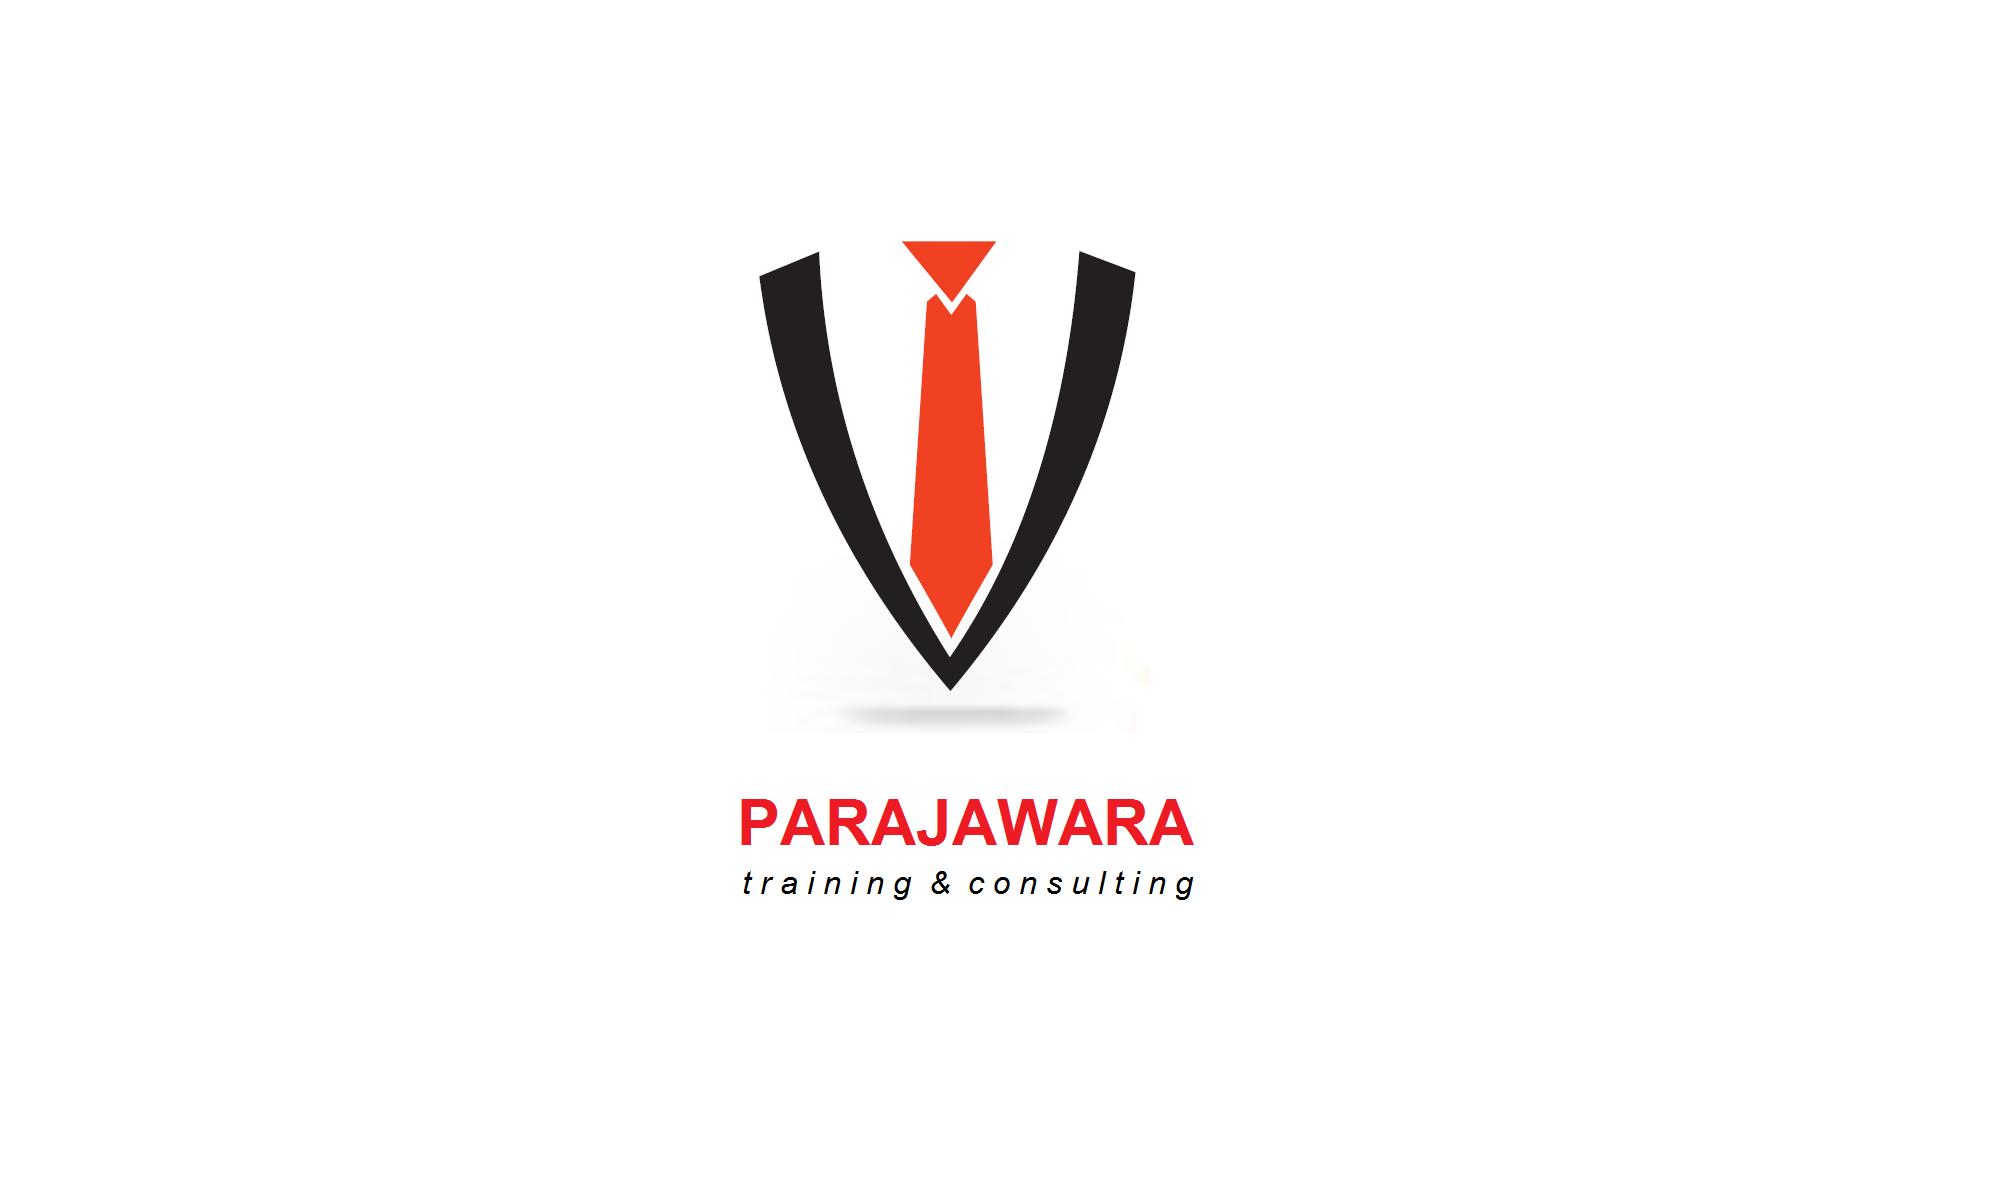 Parajawara